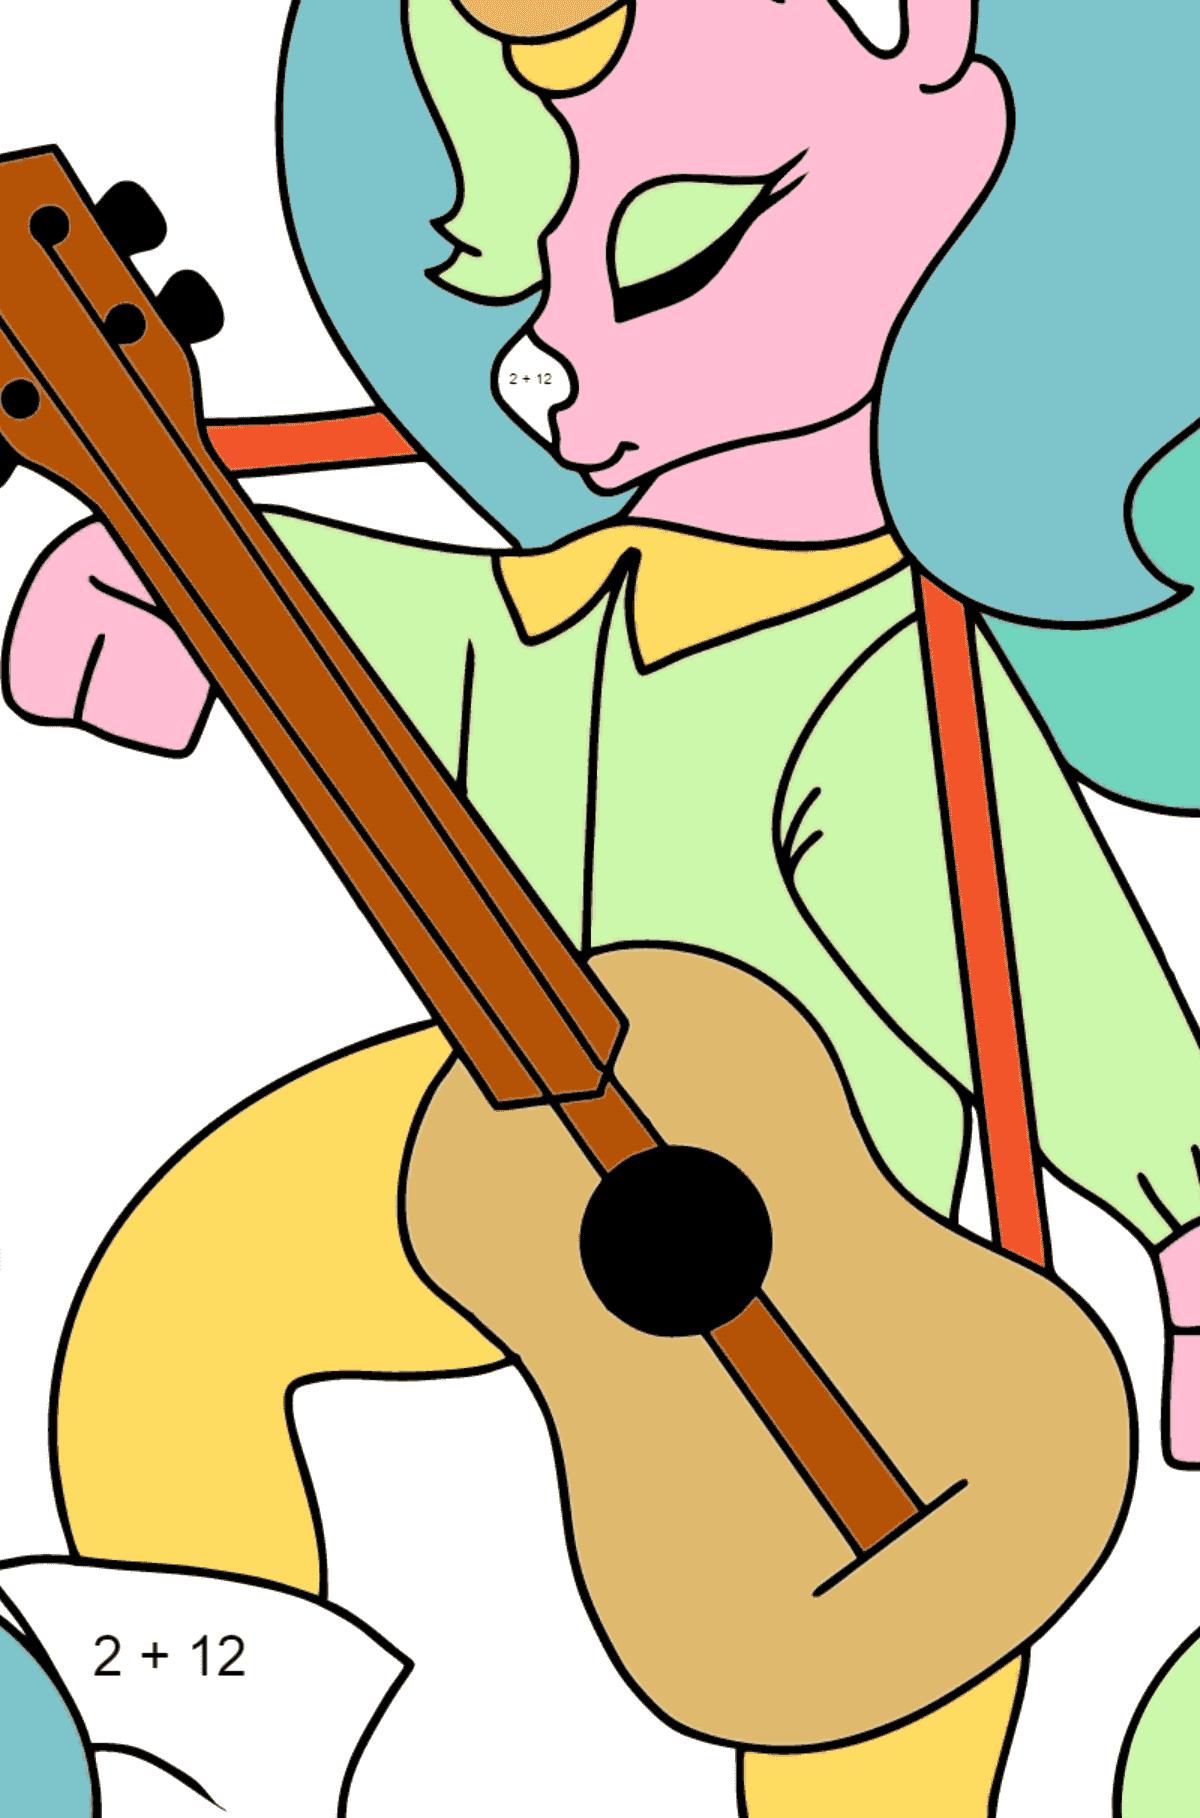 Ausmalseite - Ein Einhorn mit einer Gitarre - Mathe Ausmalbilder - Addition für Kinder